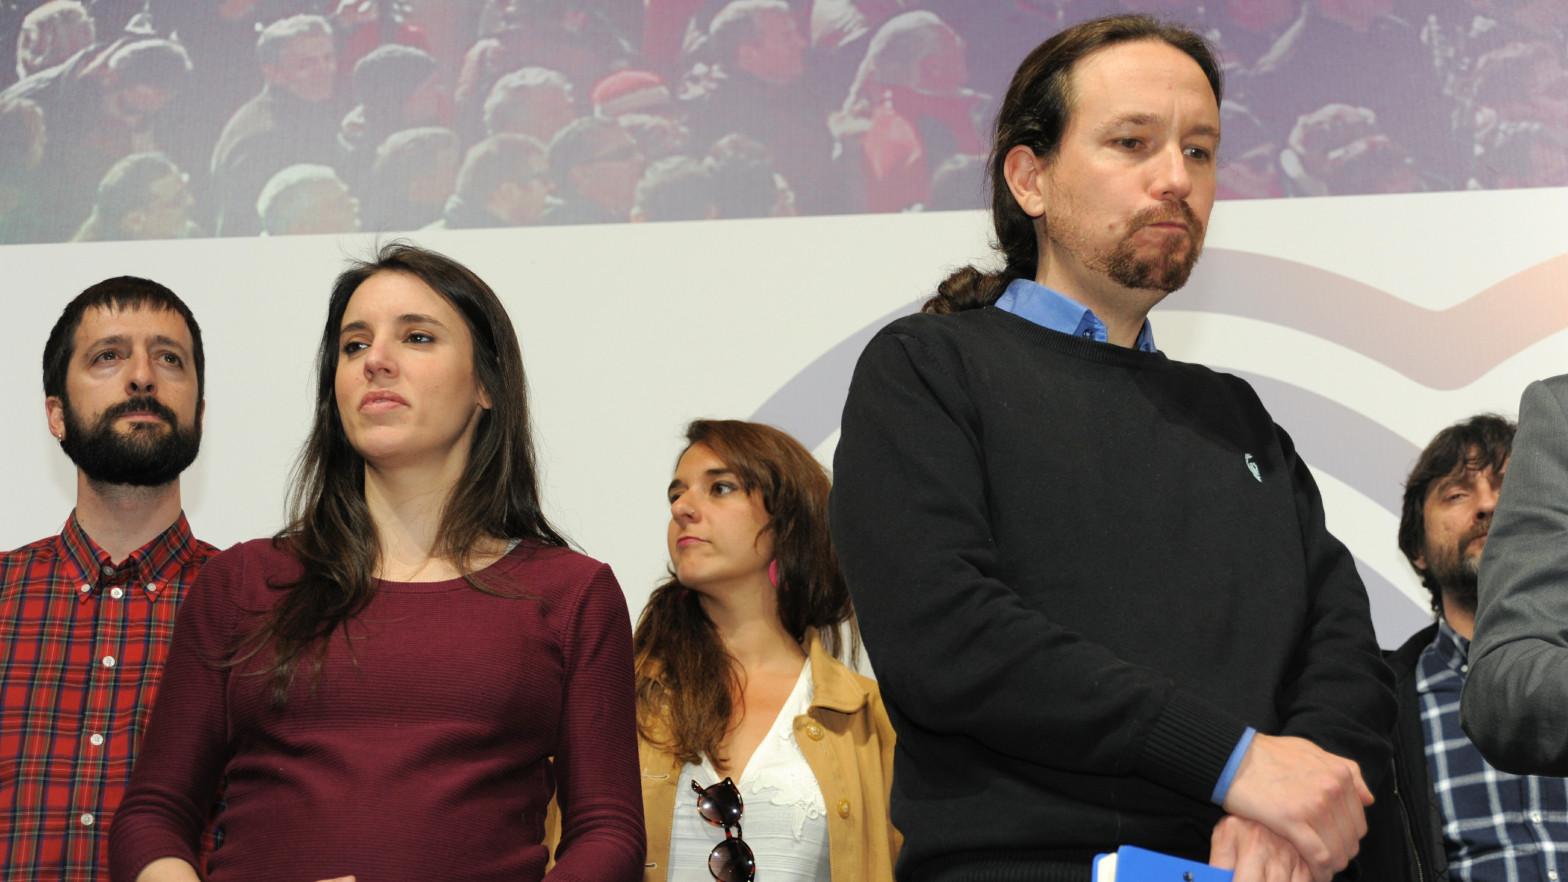 De la niñera a la factura de Monedero, la Justicia cerca a Podemos con 8 causas por corrupción